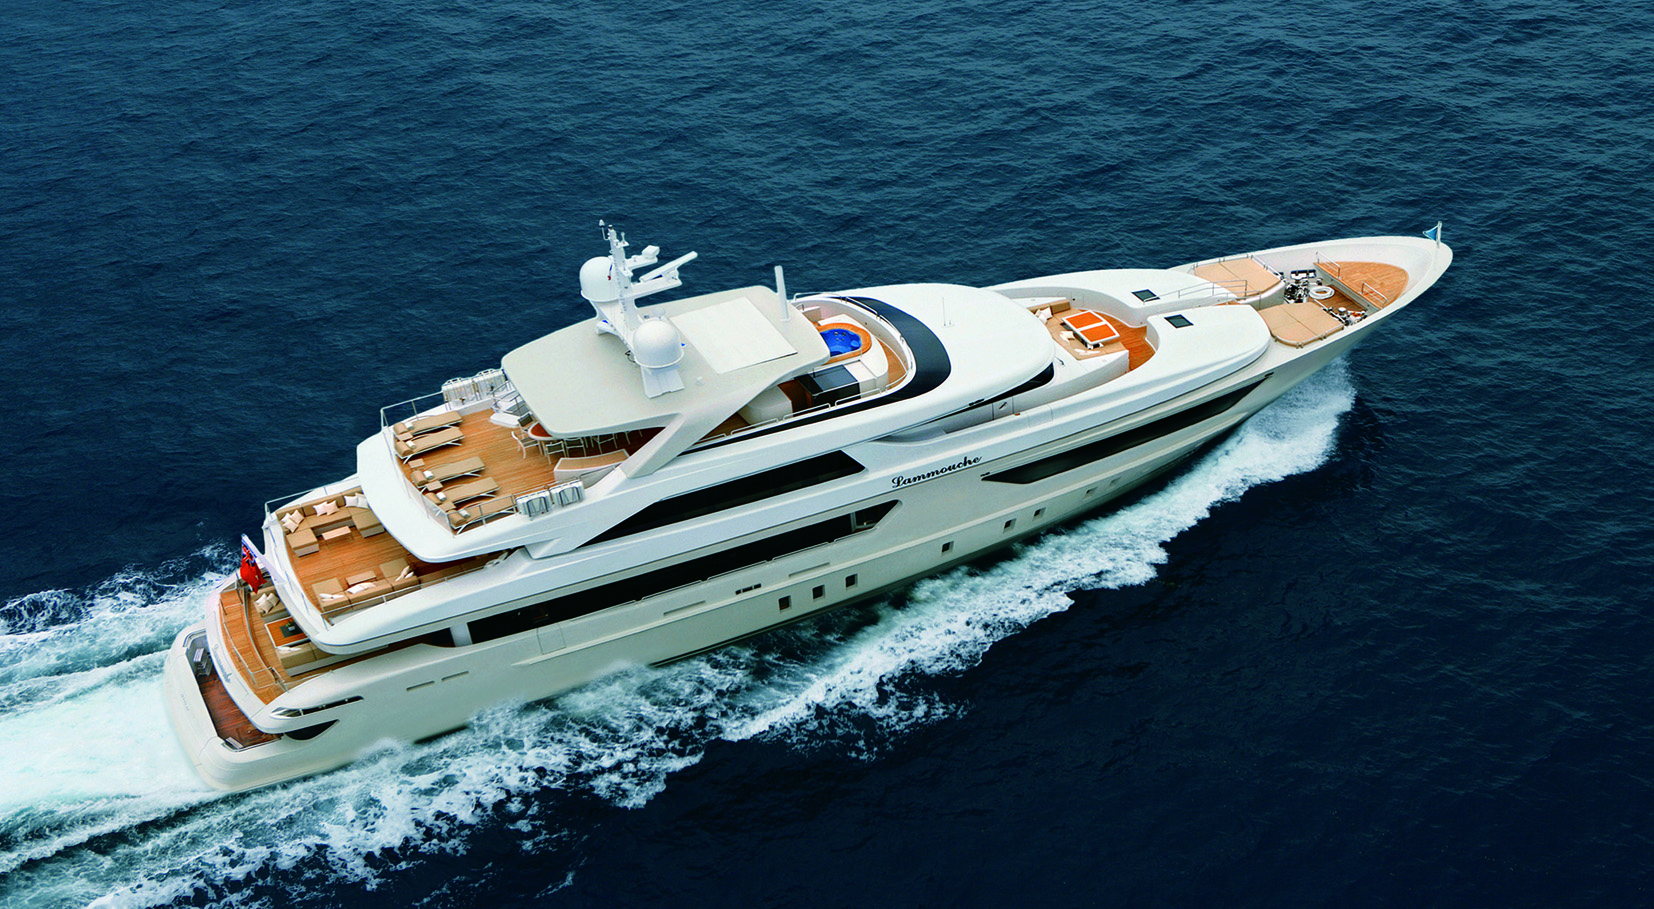 Lammouche By San Lorenzo 150 Feet Yacht Boat LuxuryLifeStyle Boats Pinterest Yachts